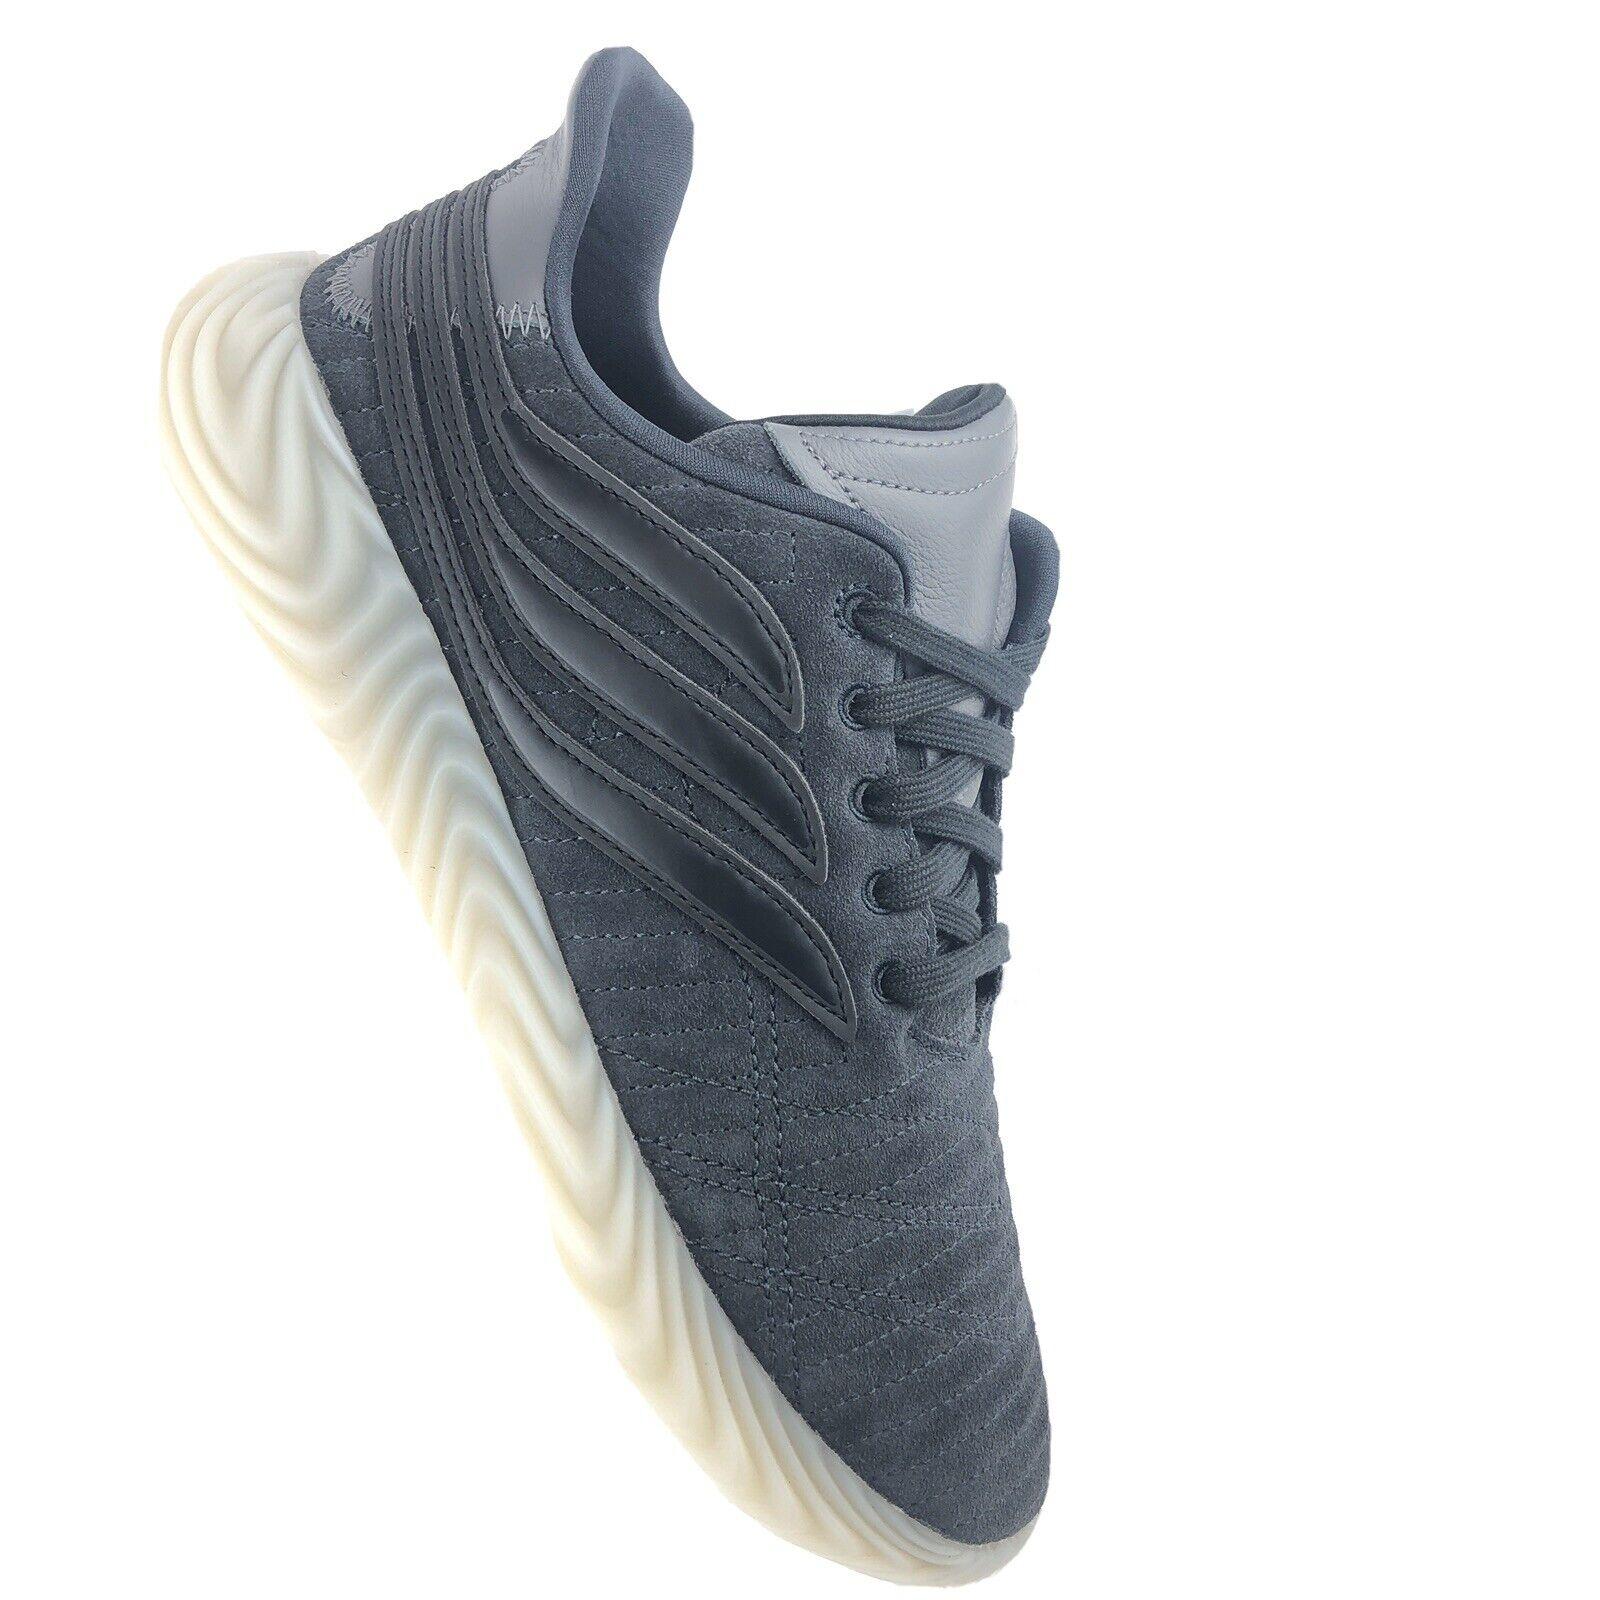 adidas Sobakov купить на eBay в Америке